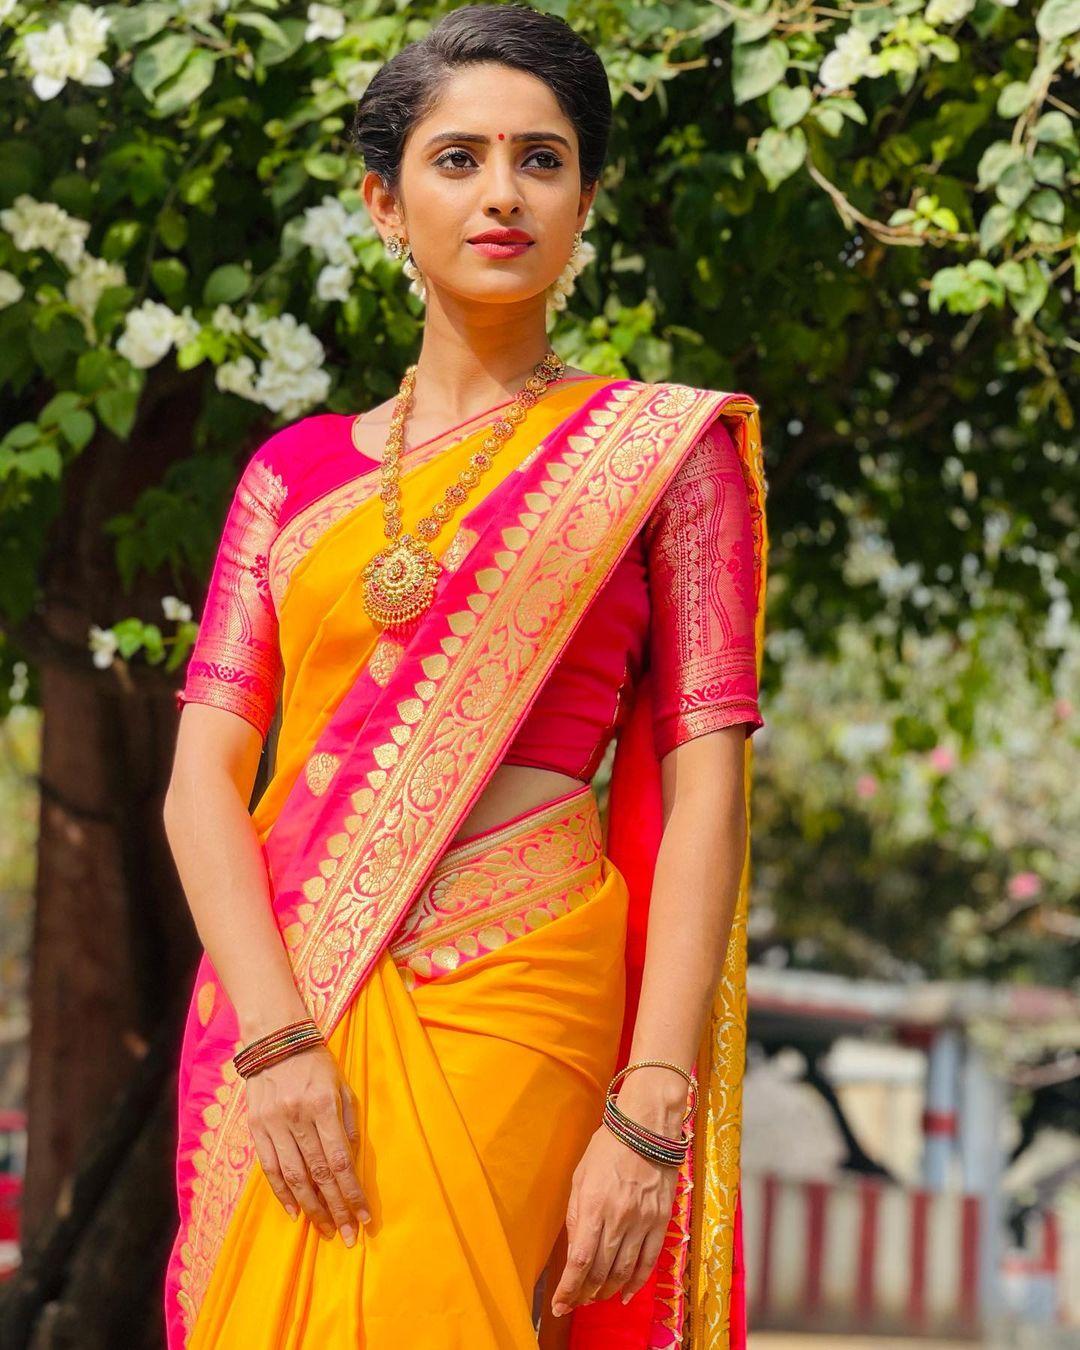 நடிகை ஆயிஷா ( Image: Instagram @aayesha6_official )